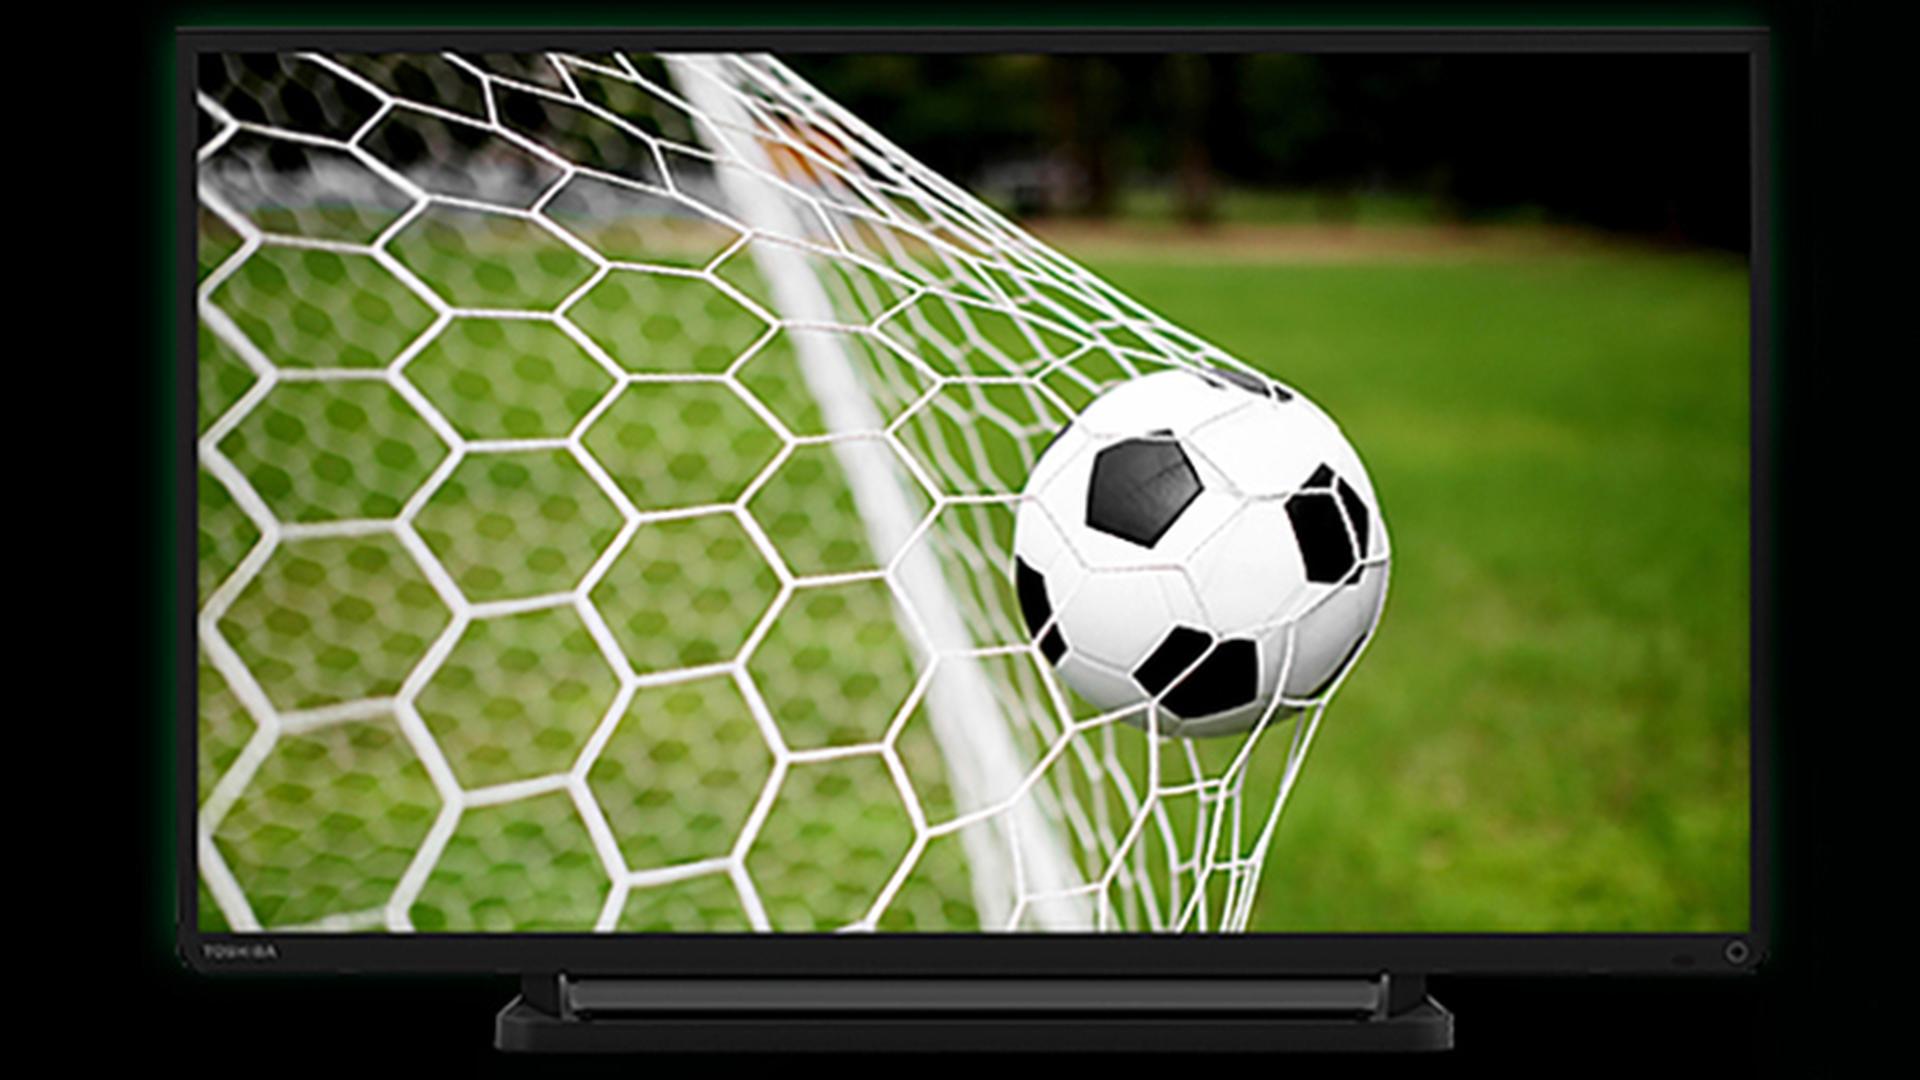 Сборная Бельгии может разорить компанию по продаже телевизоров